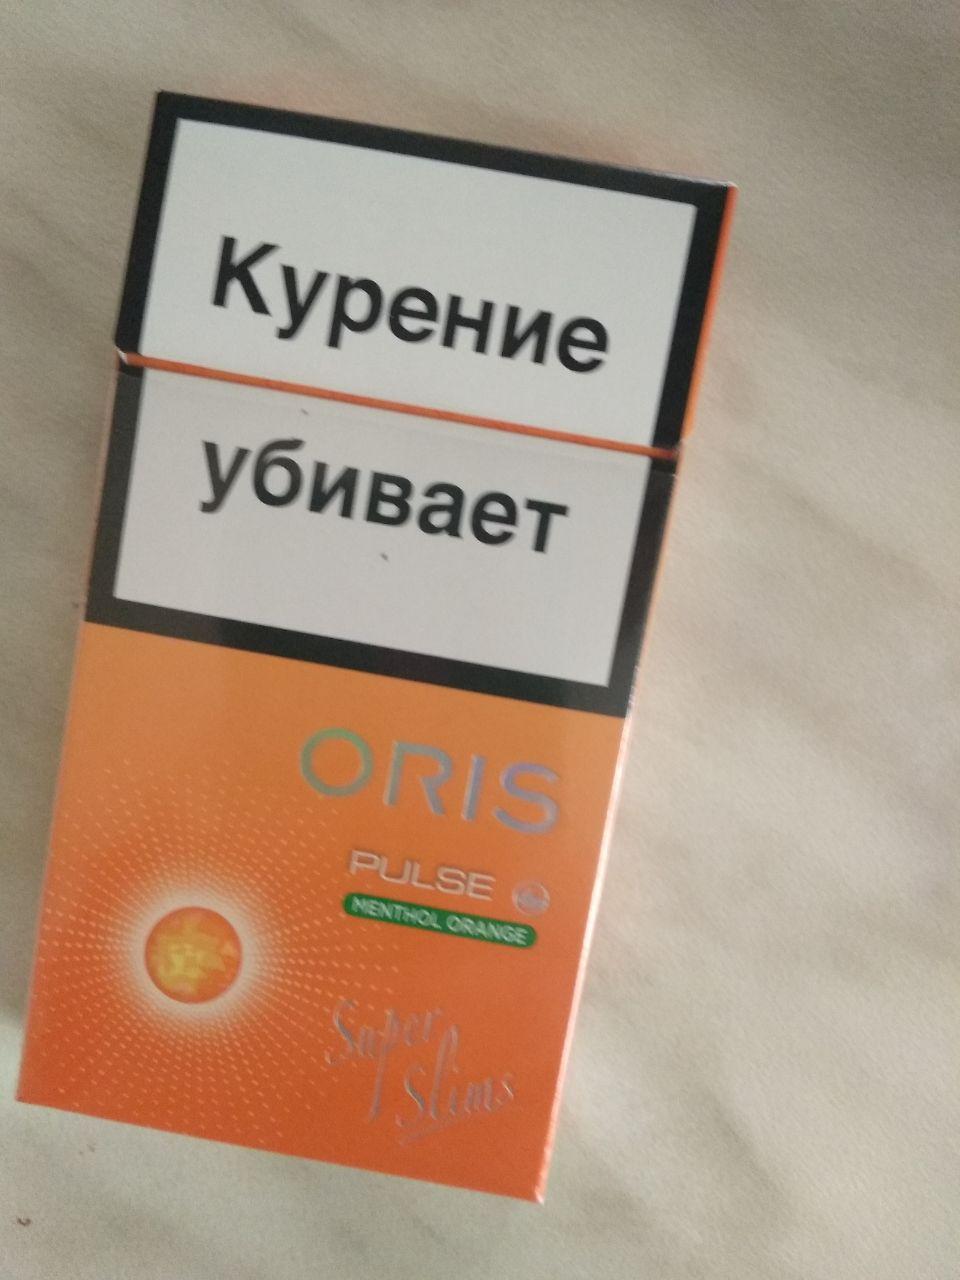 Сигареты купить в луганске купить сигареты без 18 лет